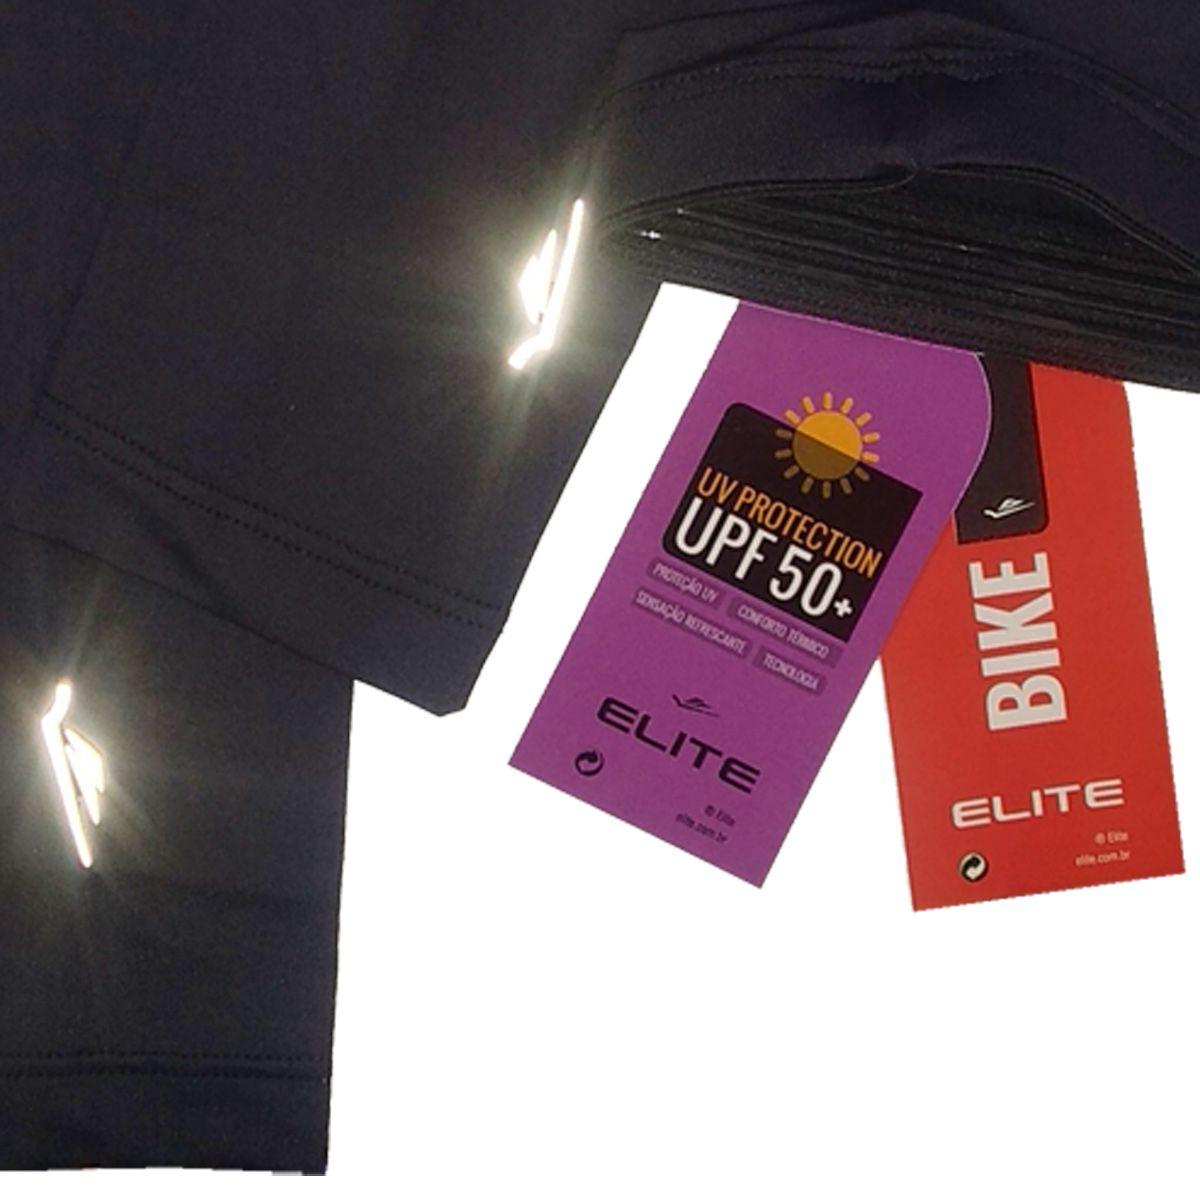 Manguito Elite Preto Uv Protection UPF 50+